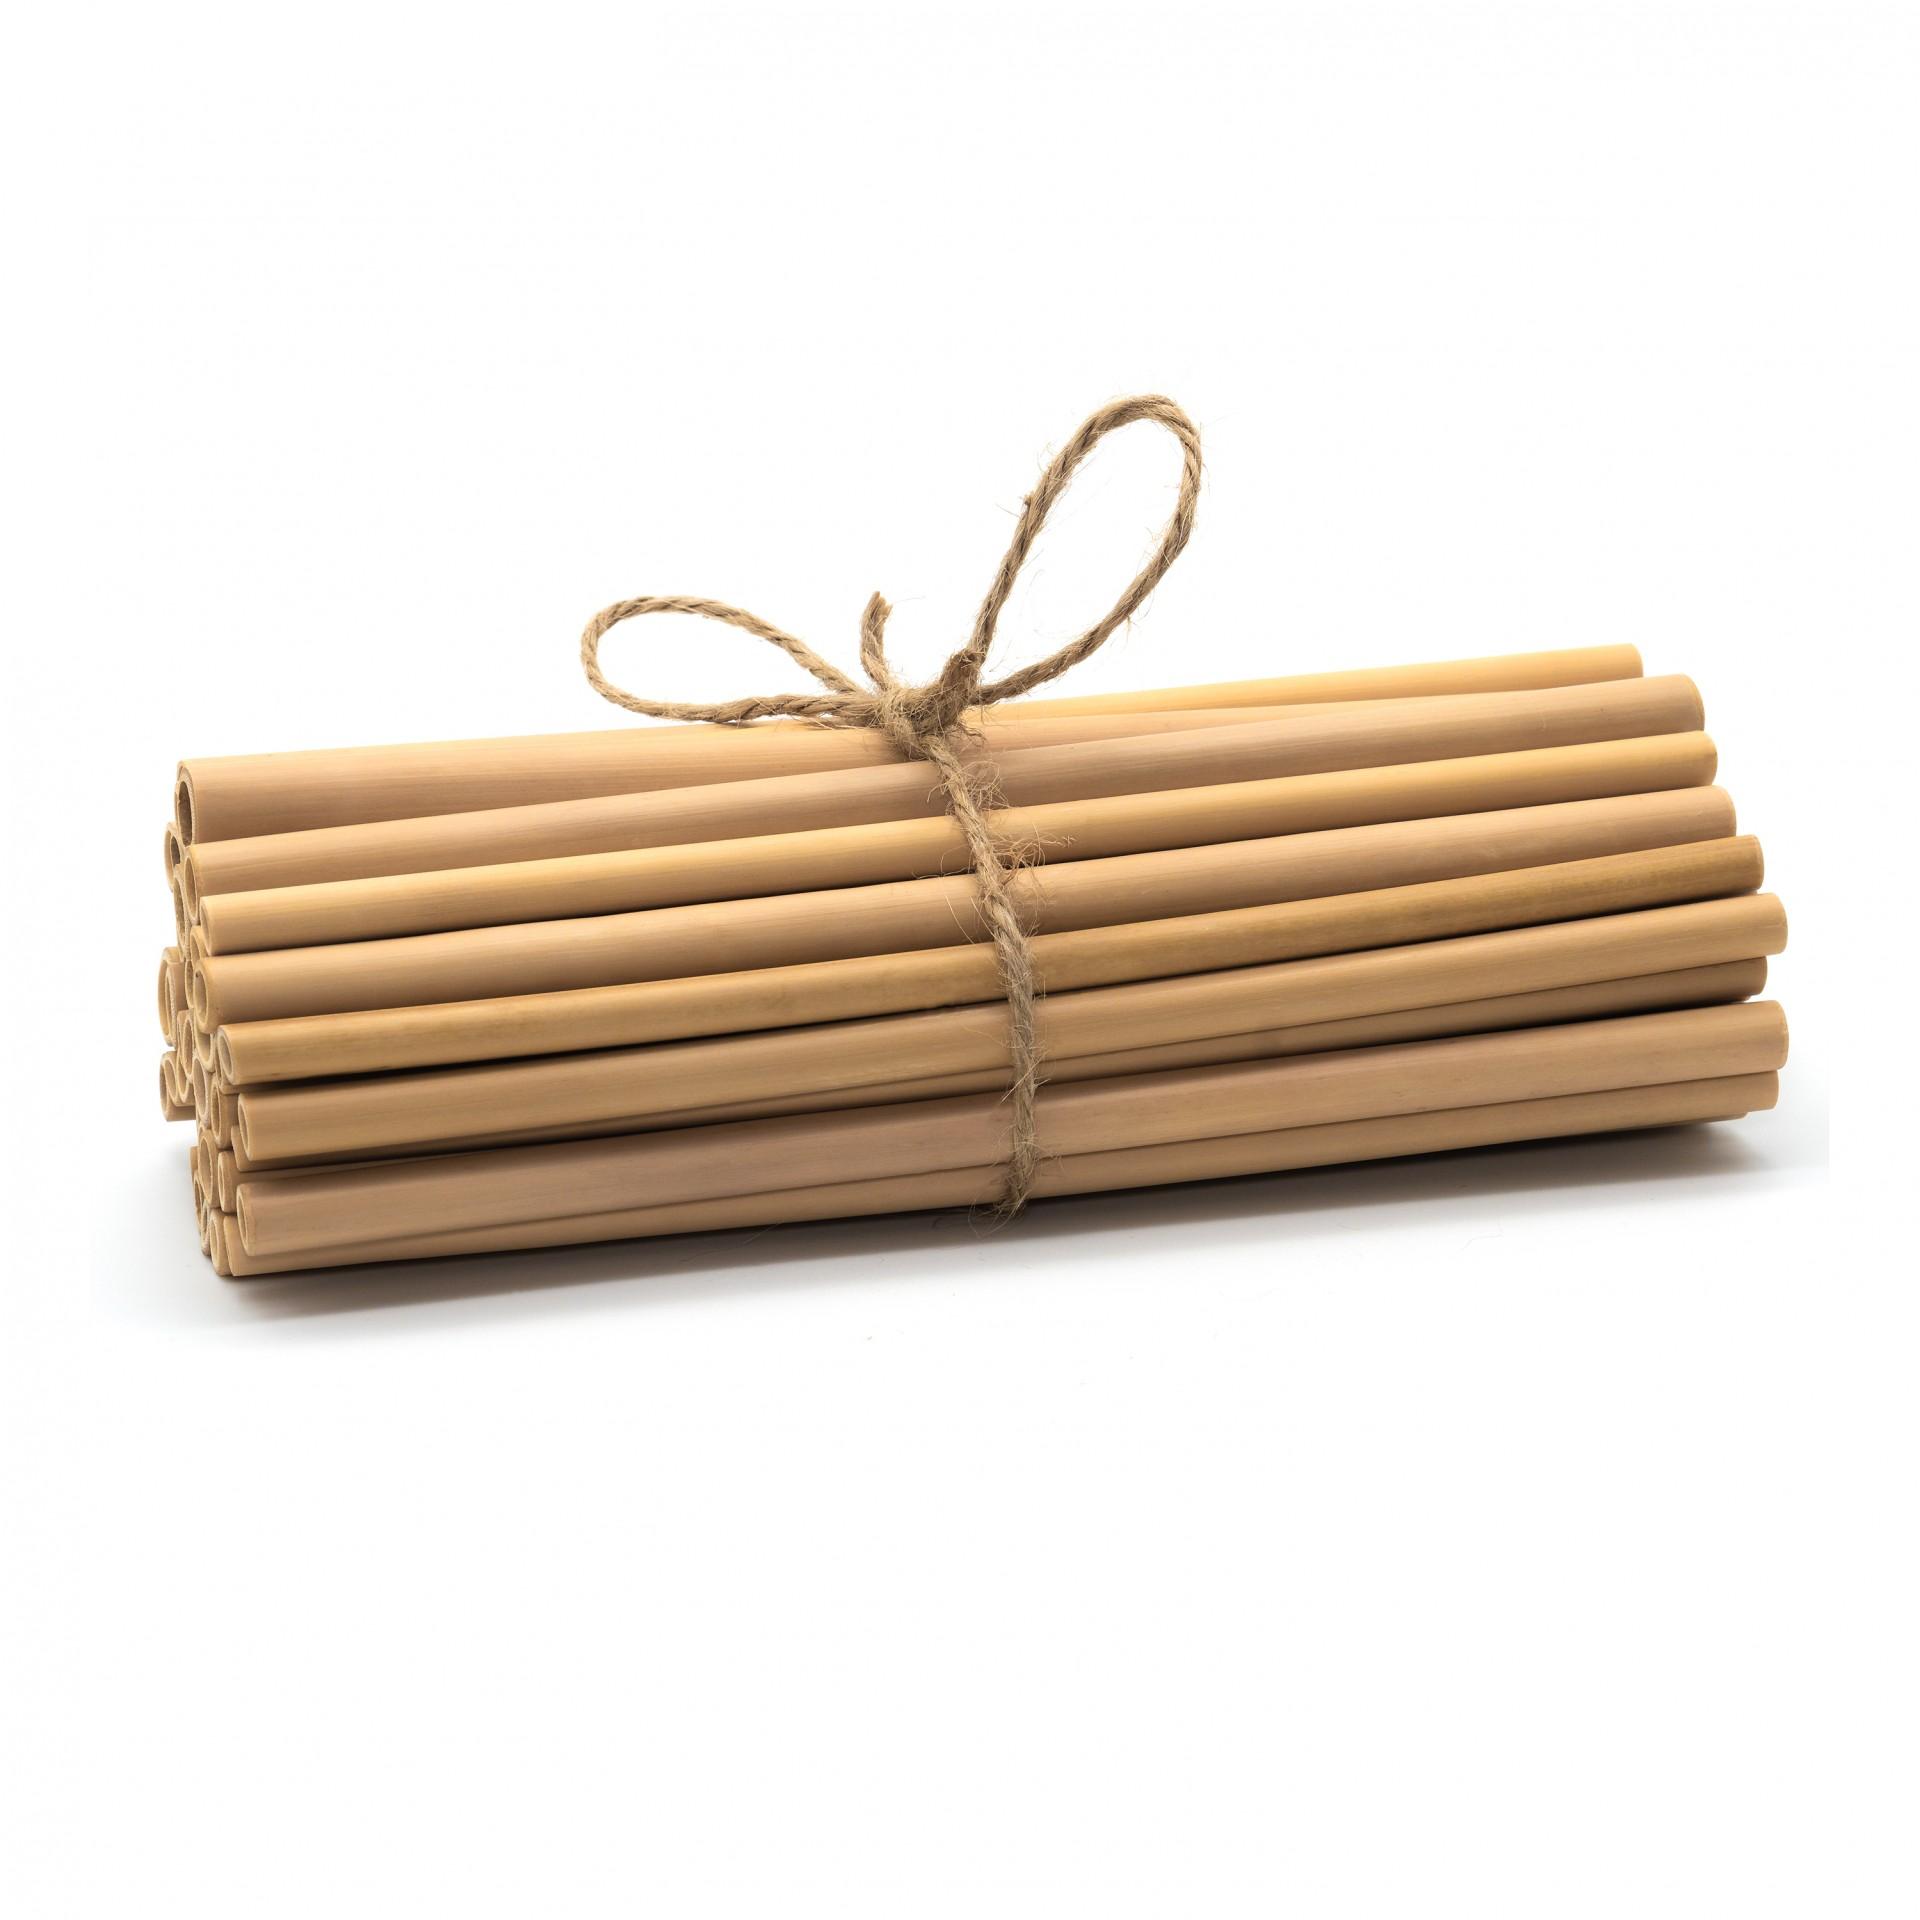 20 CANAS DE BAMBU NATURAL / NATURAL BAMBOO STRAWS _ Set of 20